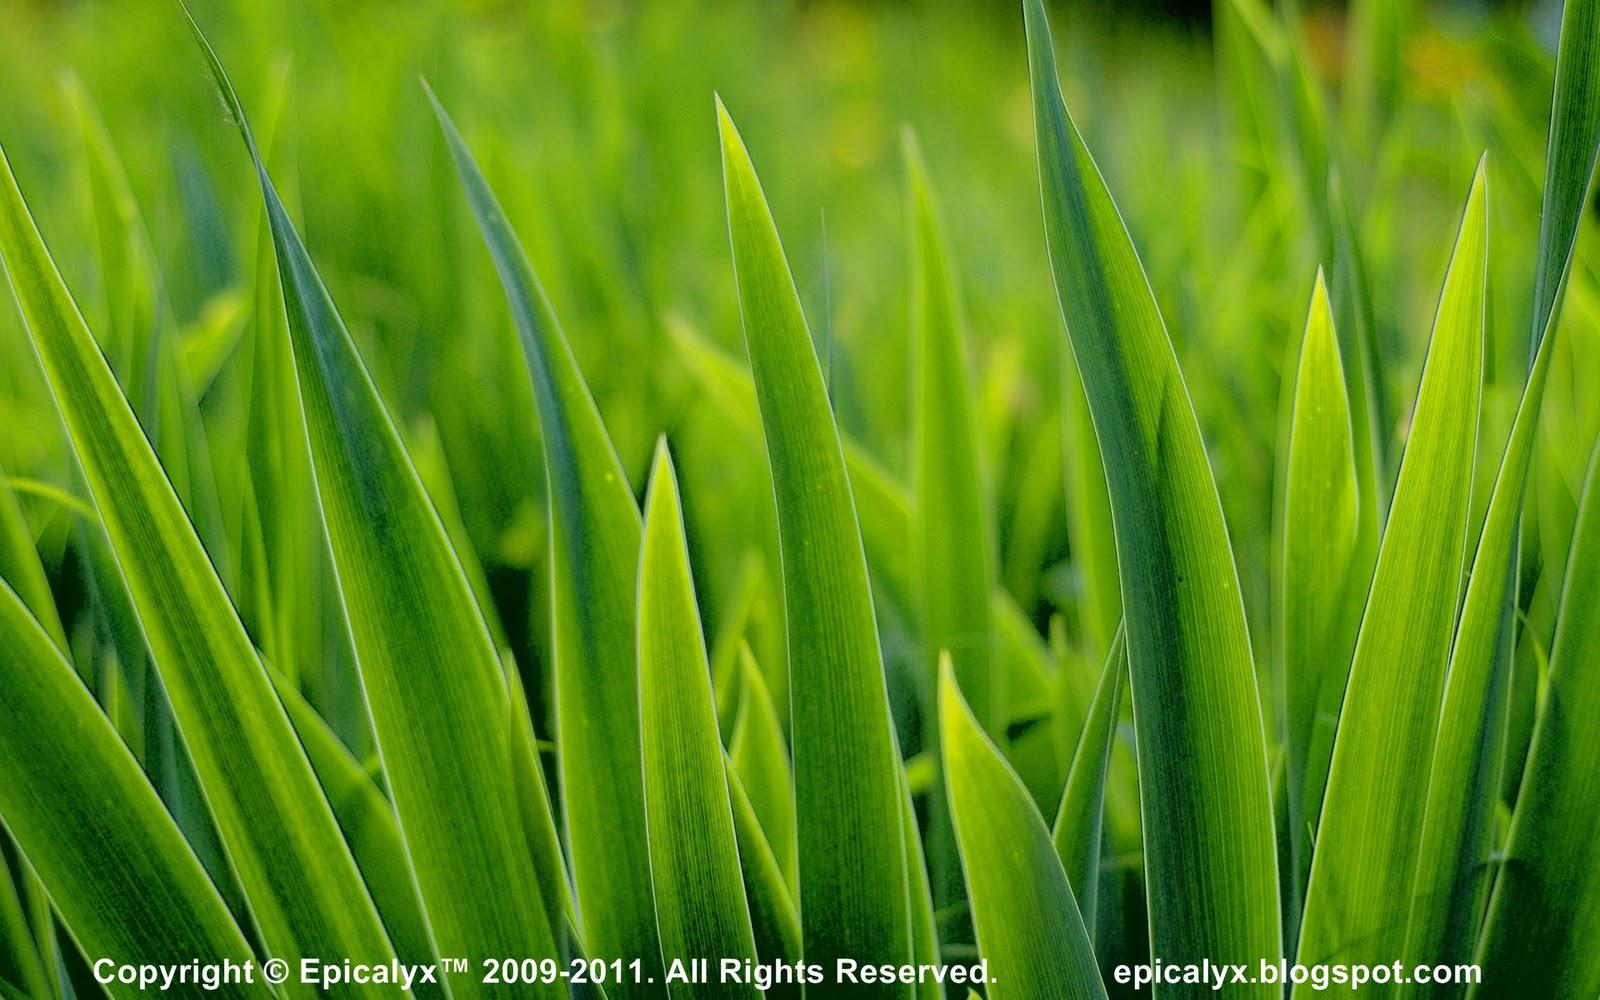 http://2.bp.blogspot.com/-JhHv8KIgMA4/TsDV5fBNksI/AAAAAAAAALA/C-ardCZHtmI/s1600/Spikey+Grass+HD.jpg